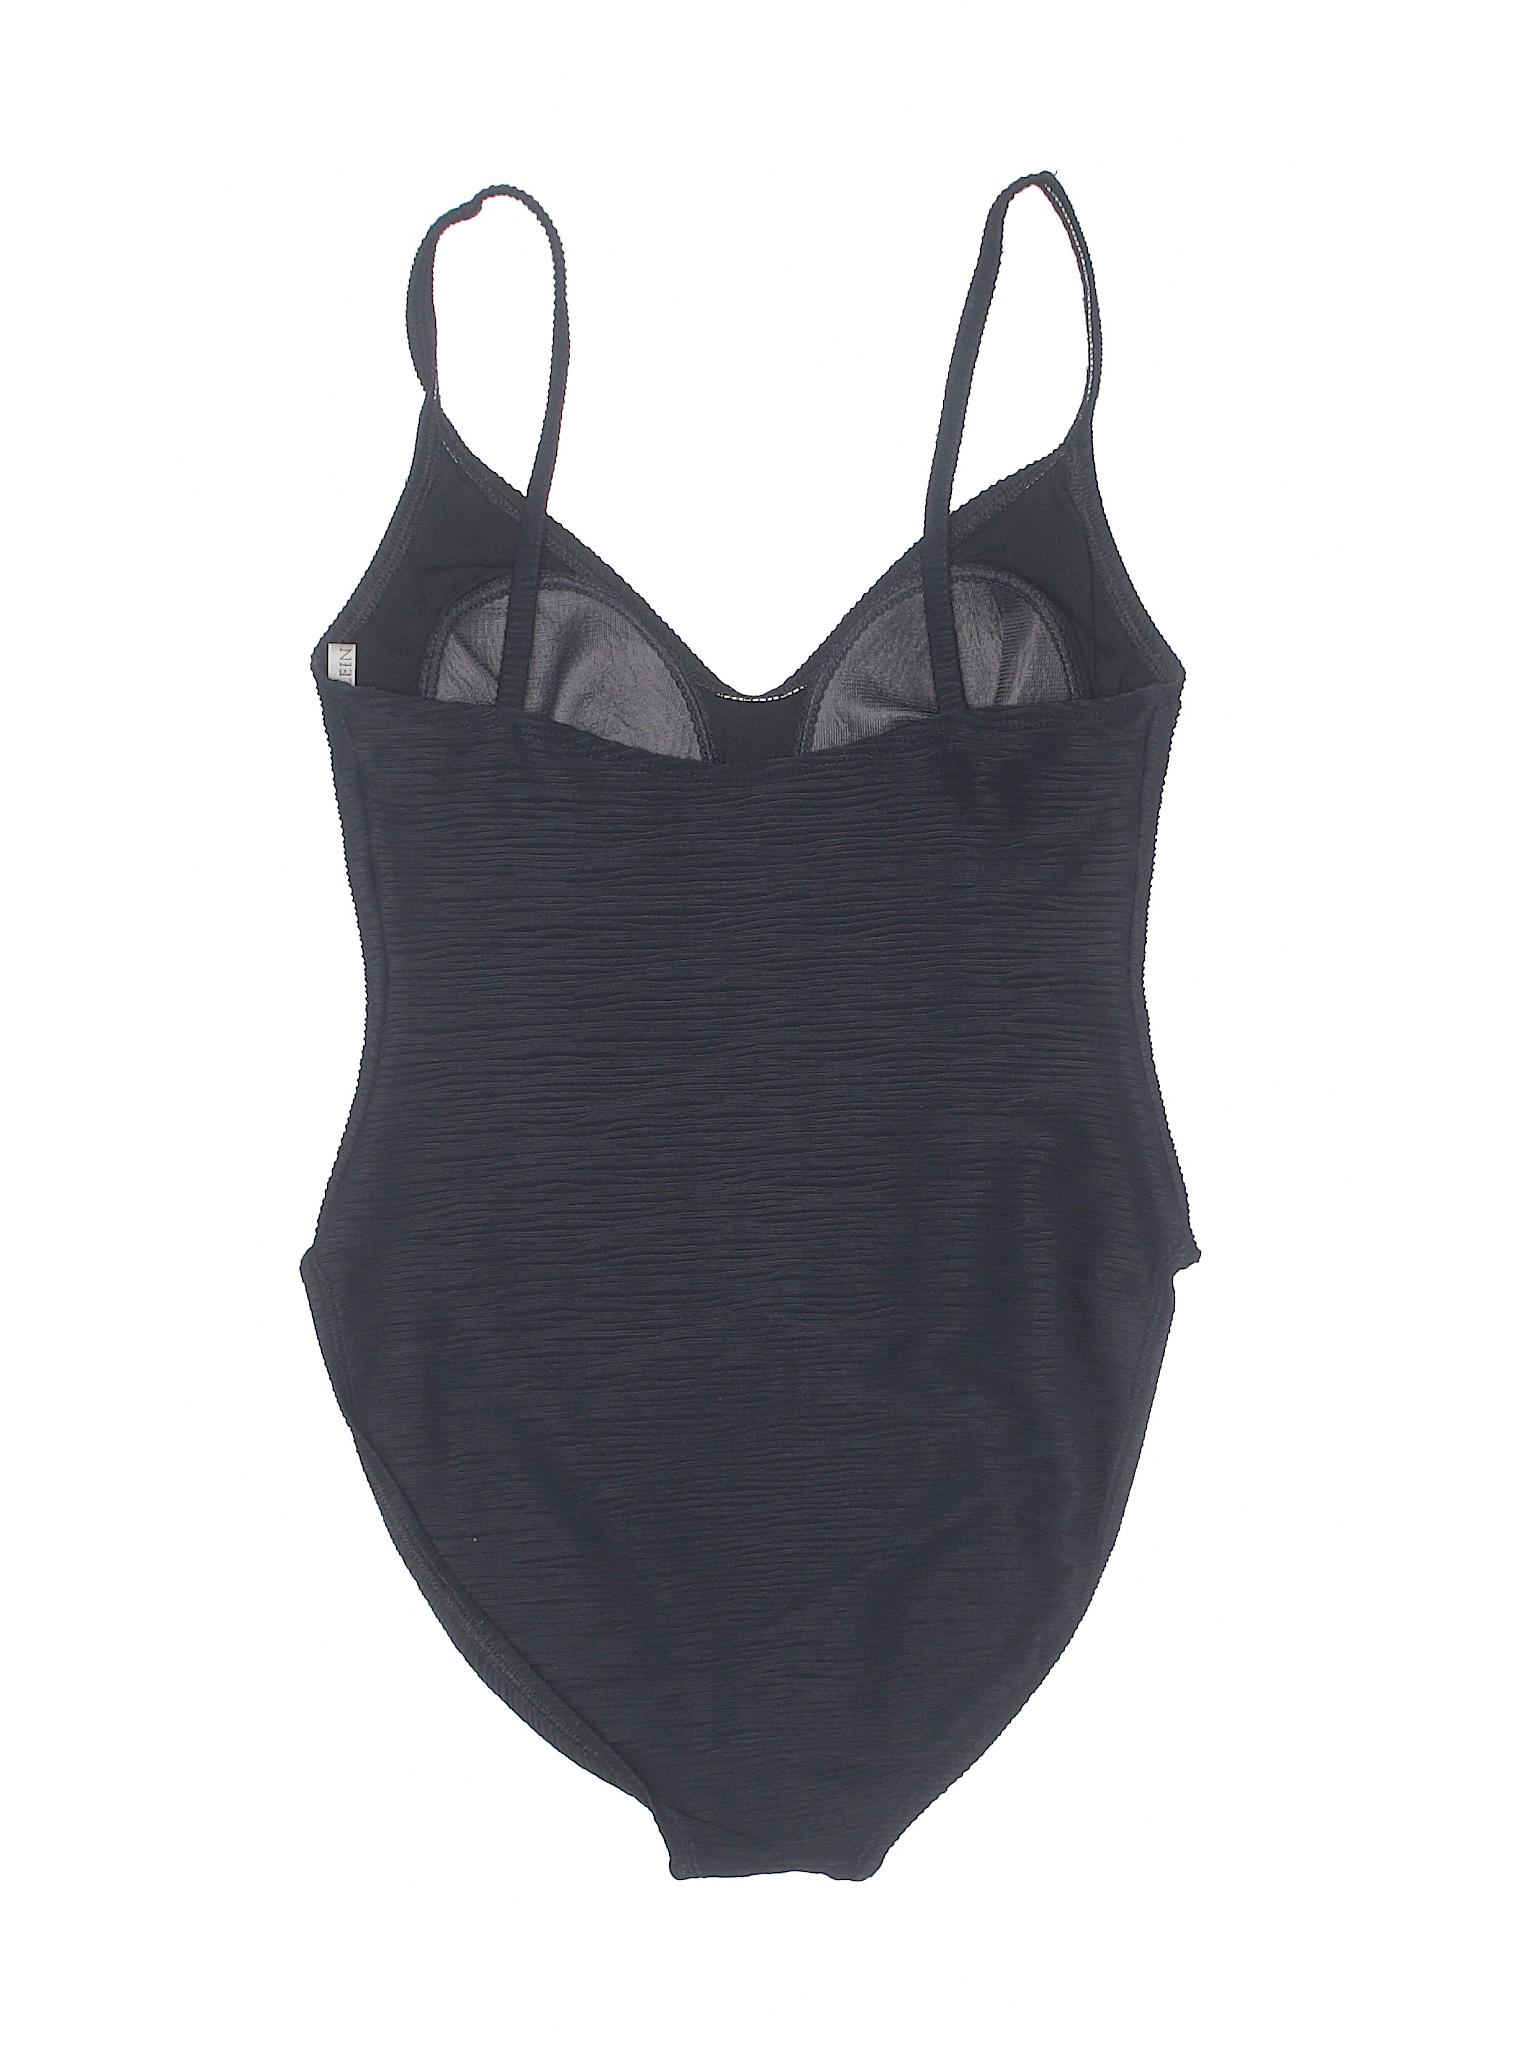 One Anne Swimsuit Klein Piece Boutique qa0w1Xw